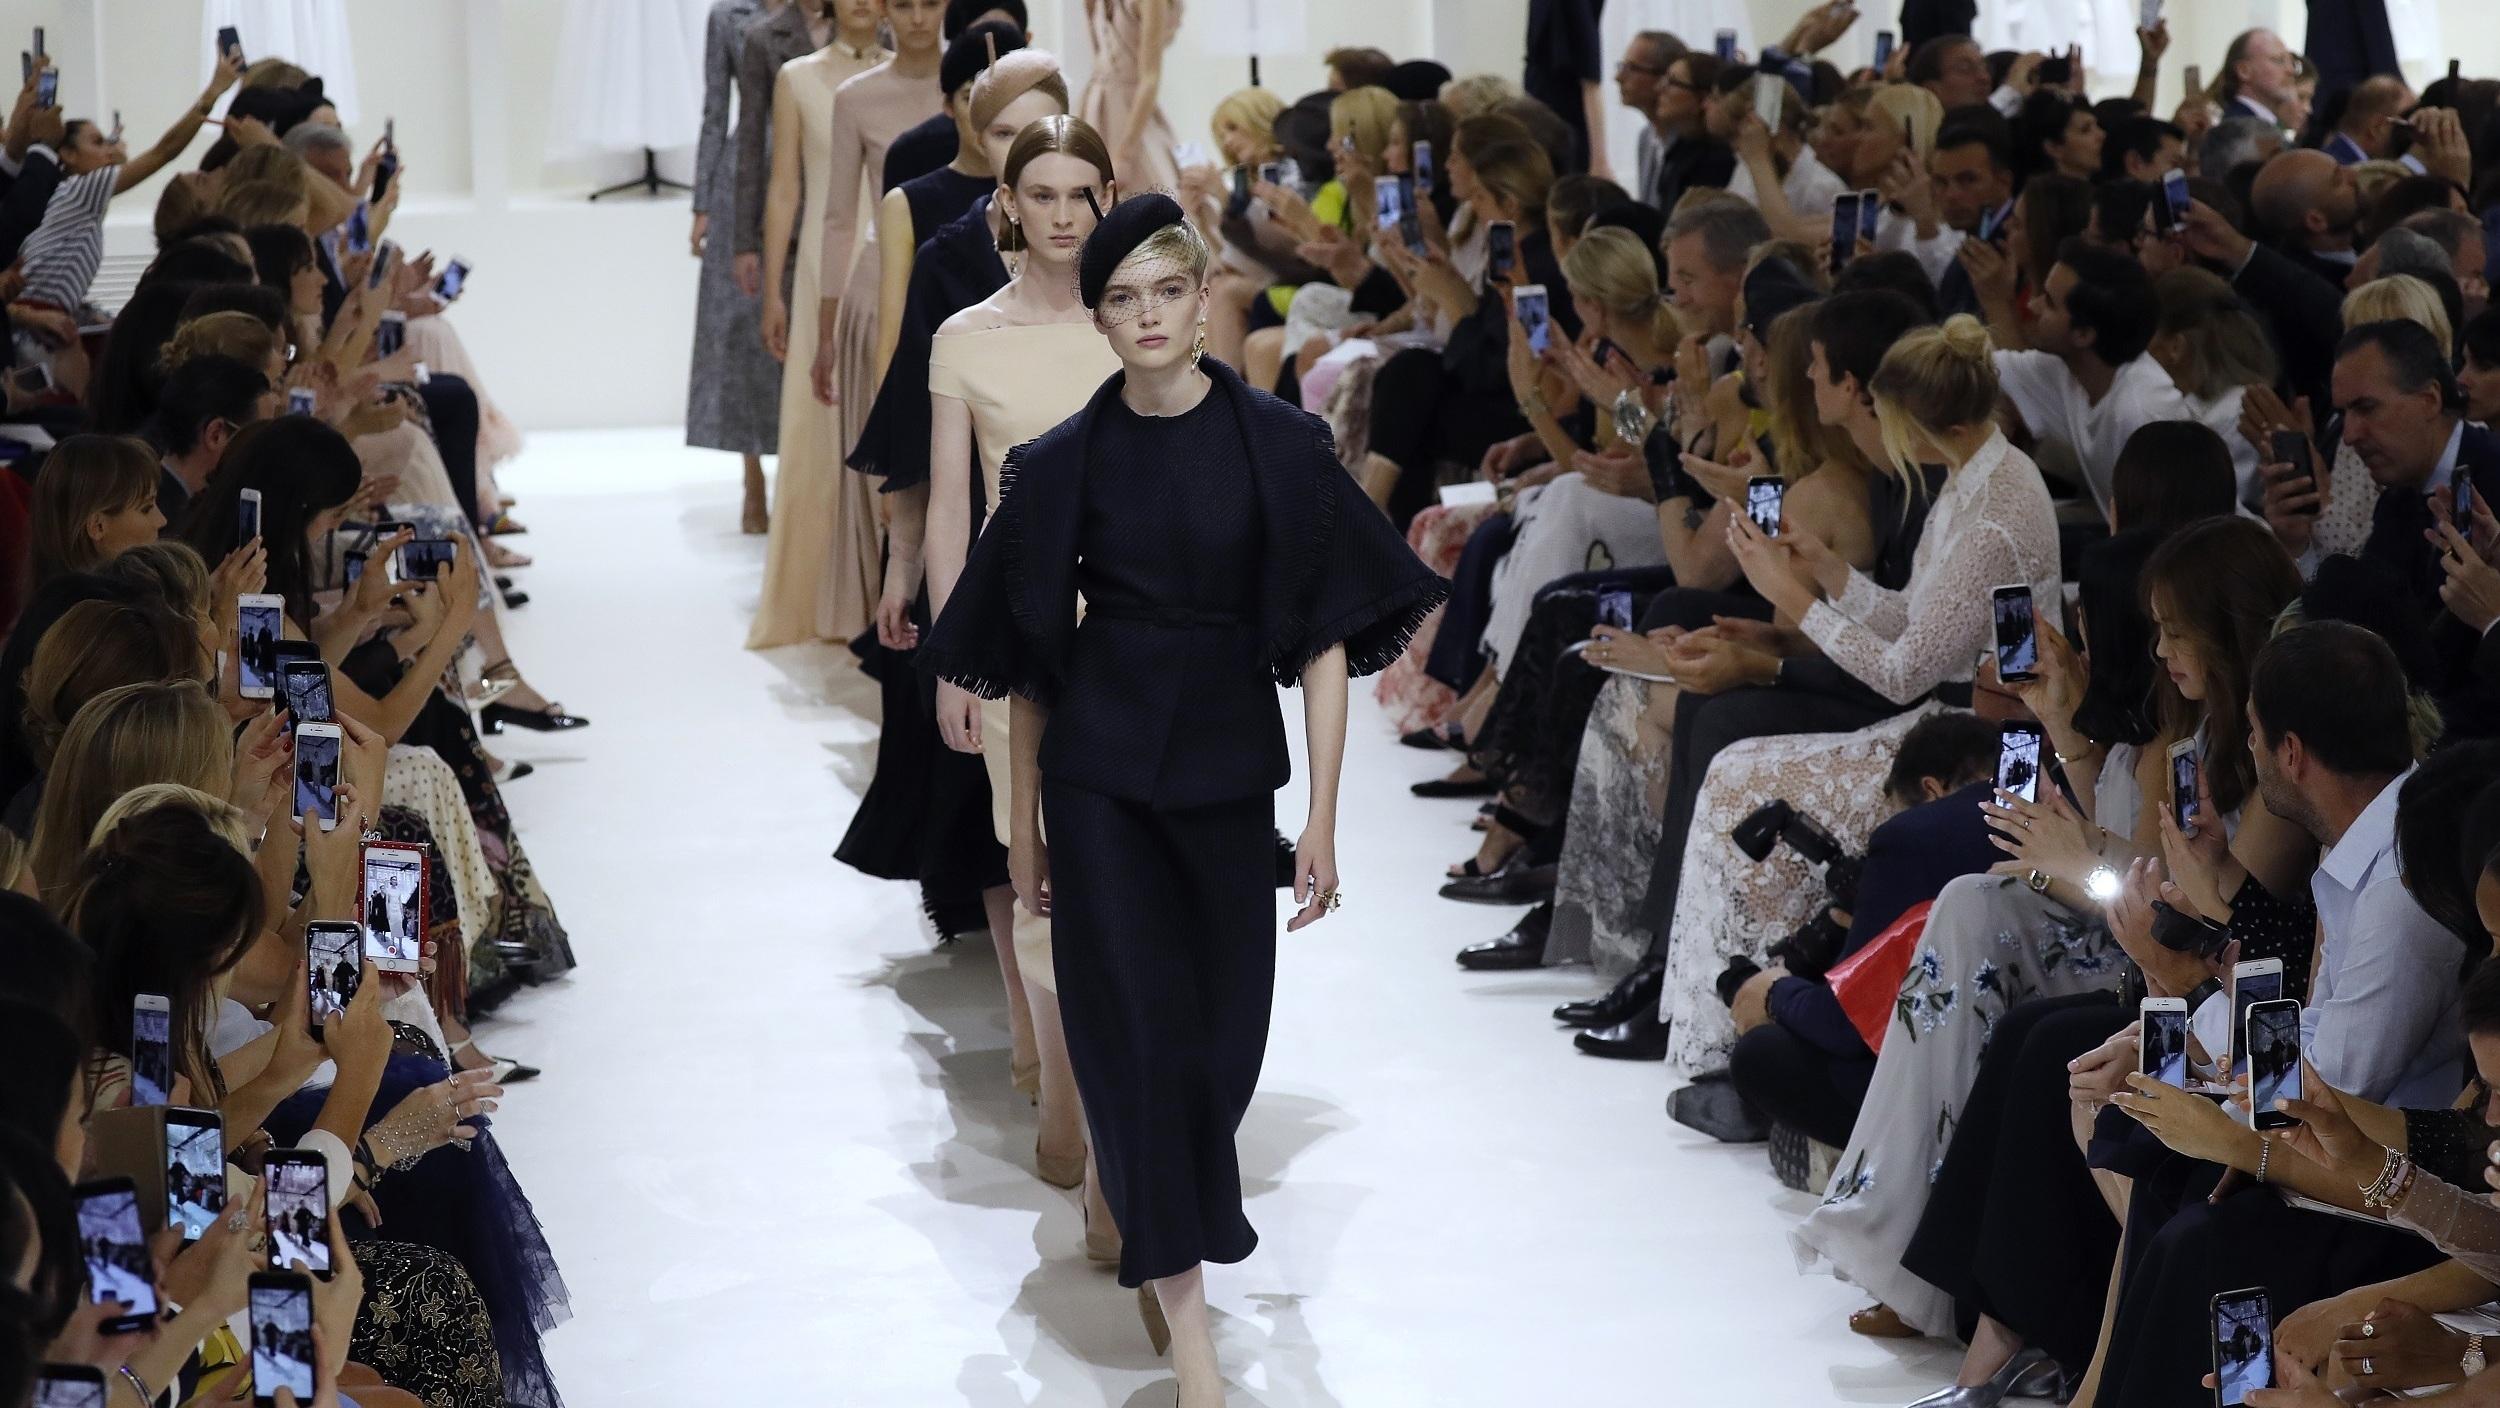 Défilé Christian Dior 2018-2019 Automne/Hiver Haute Couture